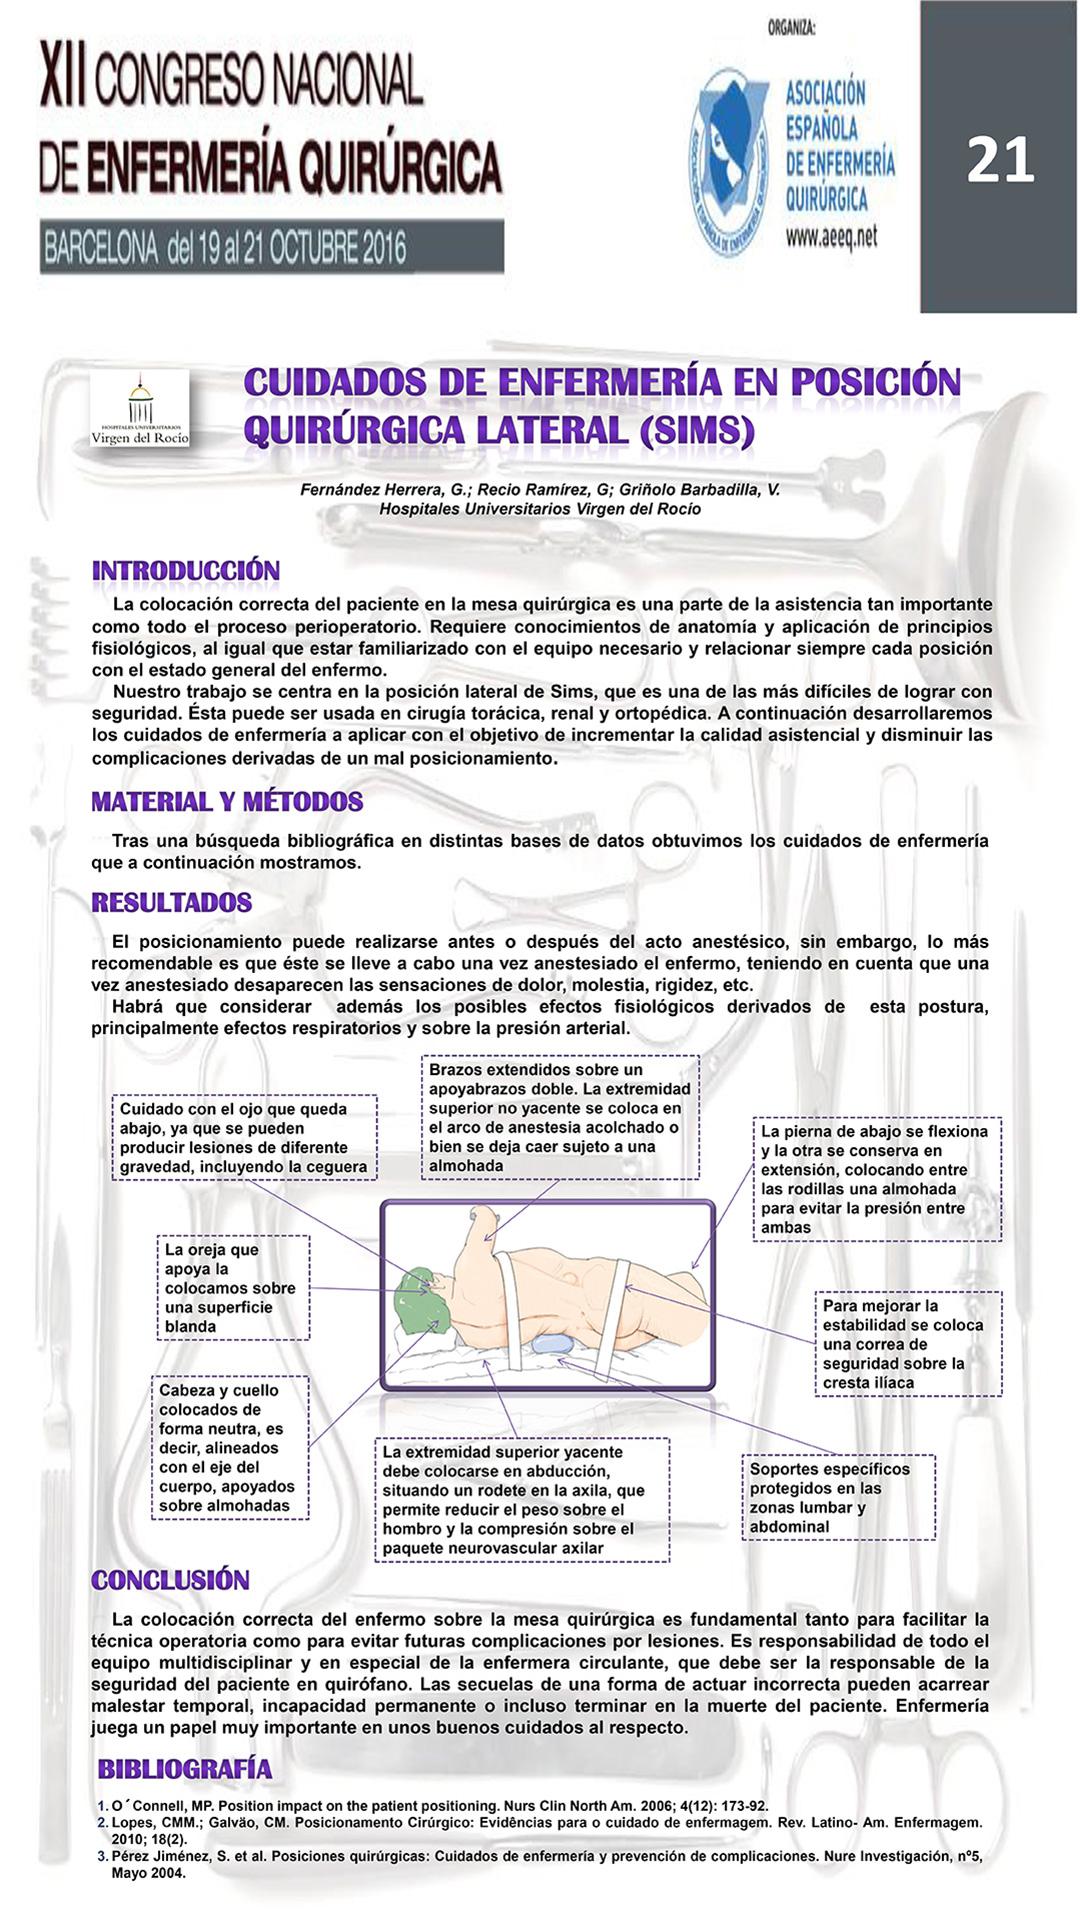 Resmenes De Posters Xii Congreso Nacional Enfermera Quirrgica Evidencias 85068 Tipos Circuitos Electricos Descargar Resumen Pster Digital